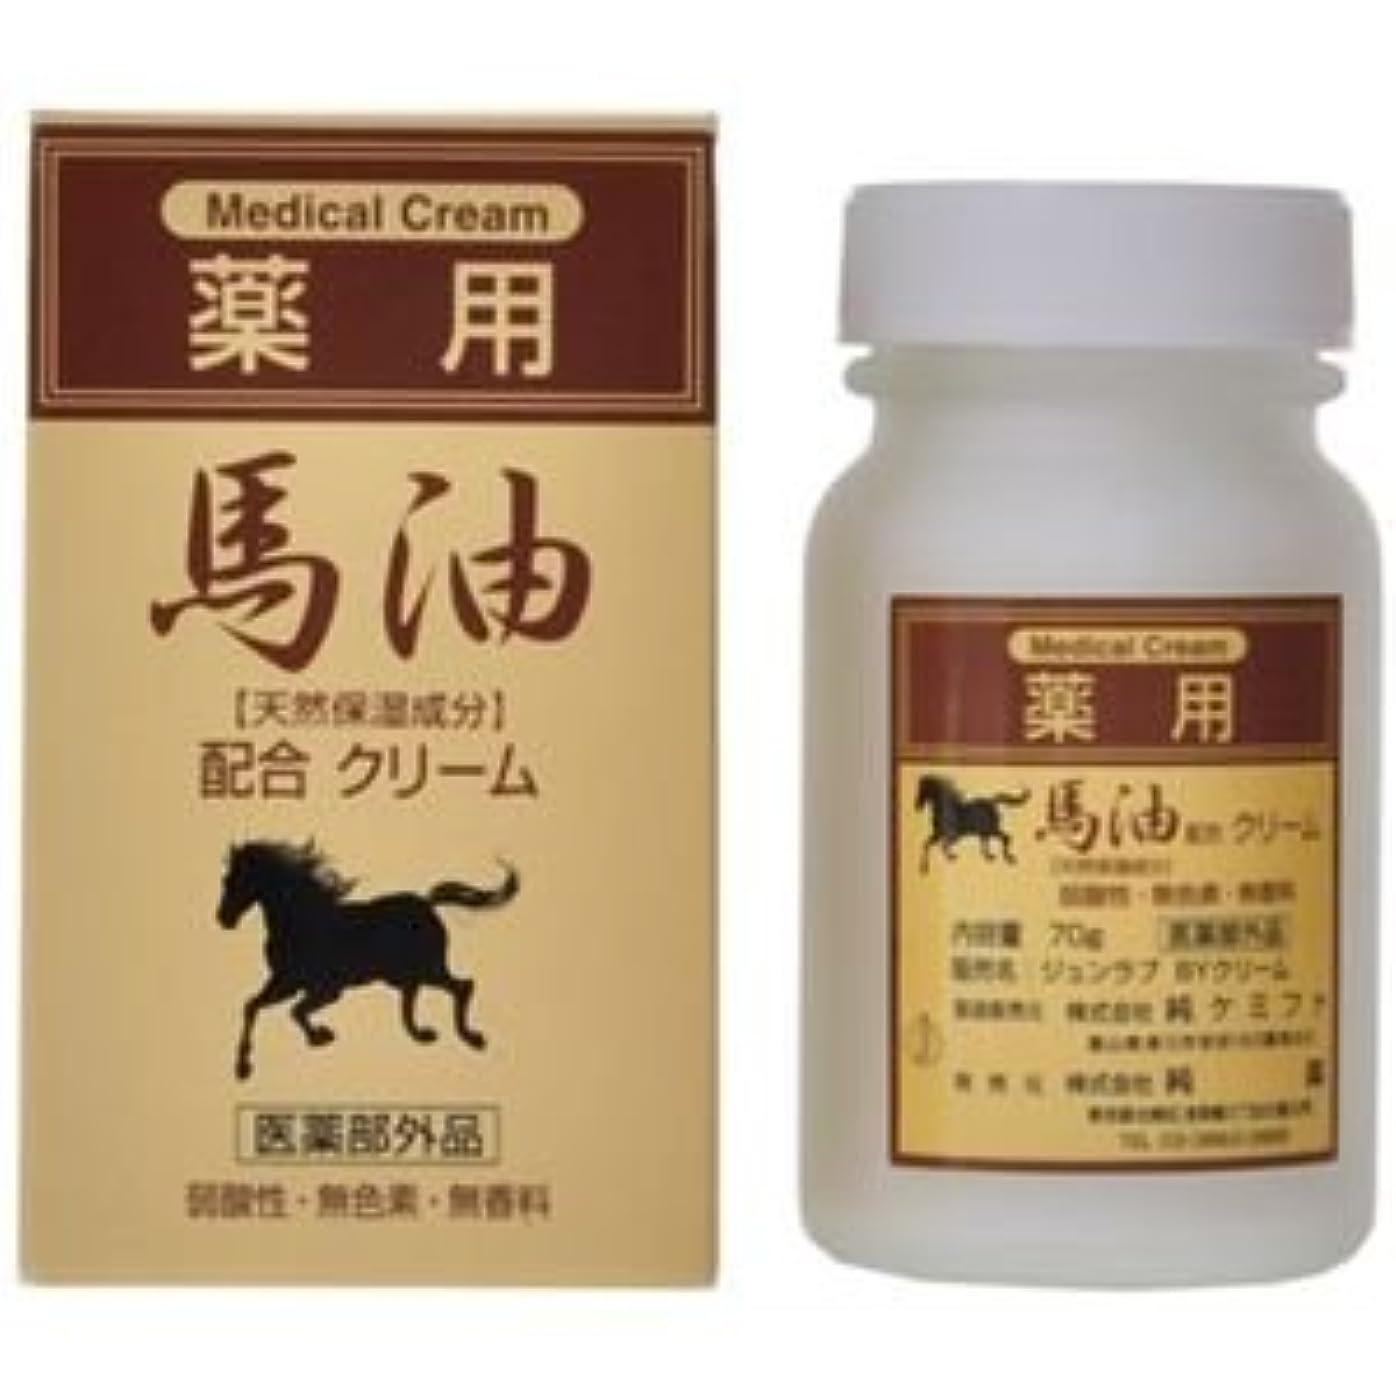 アベニューオンス傷つける純薬 薬用 馬油配合クリーム 70g 4セット